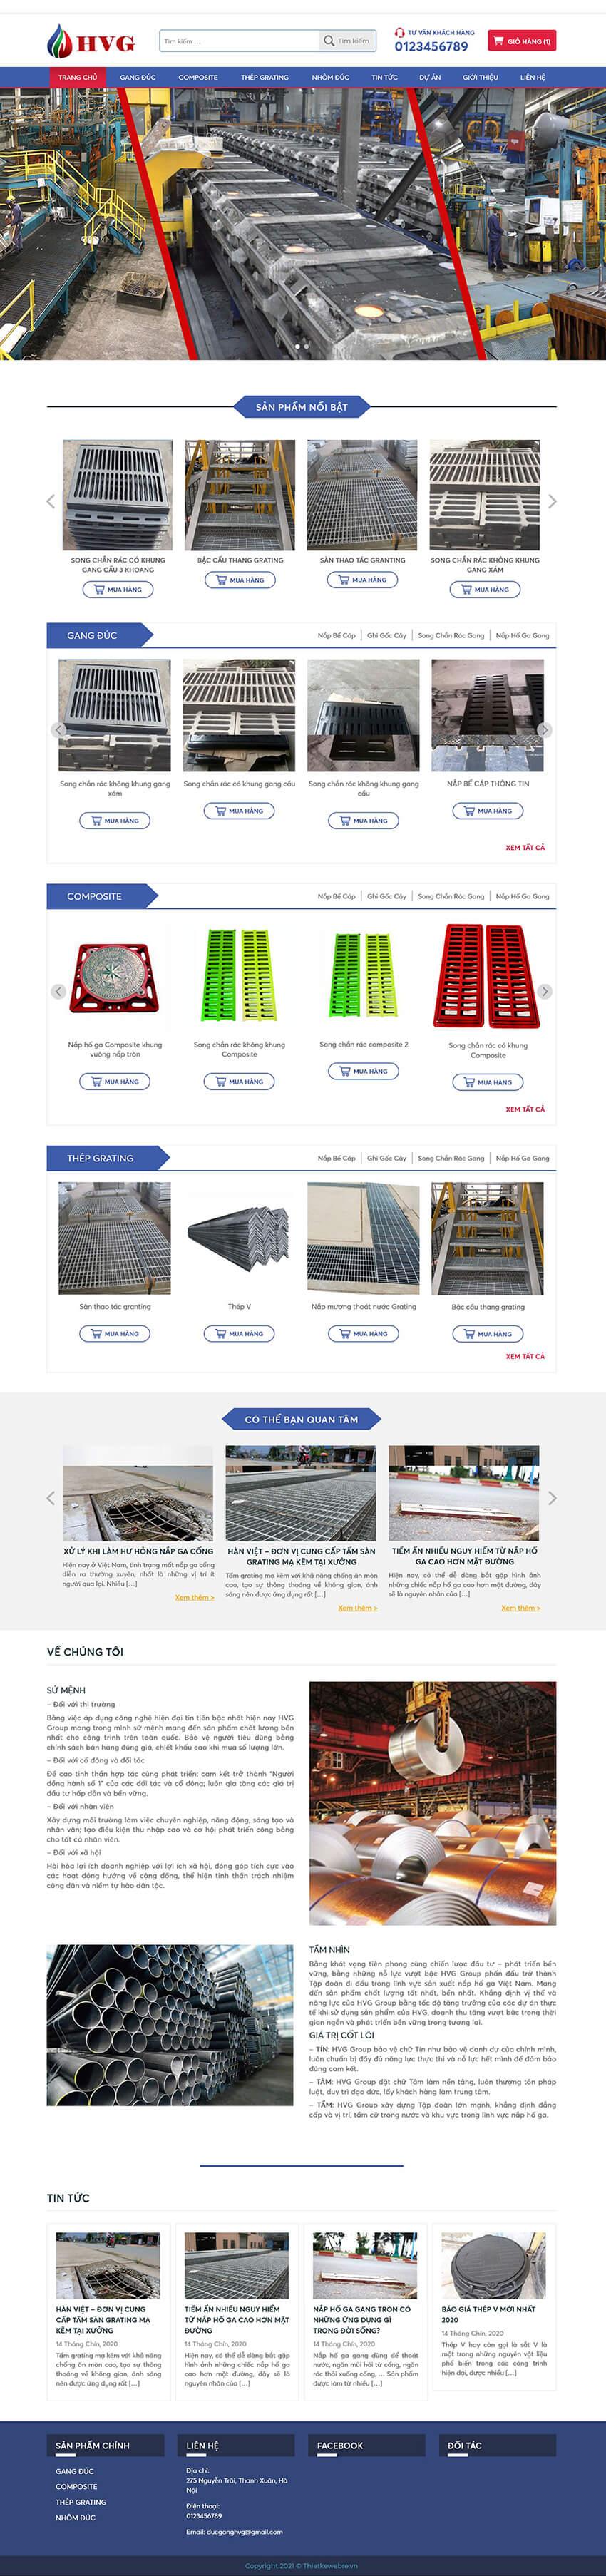 Thiết kế website doanh nghiệp cơ khí HVG